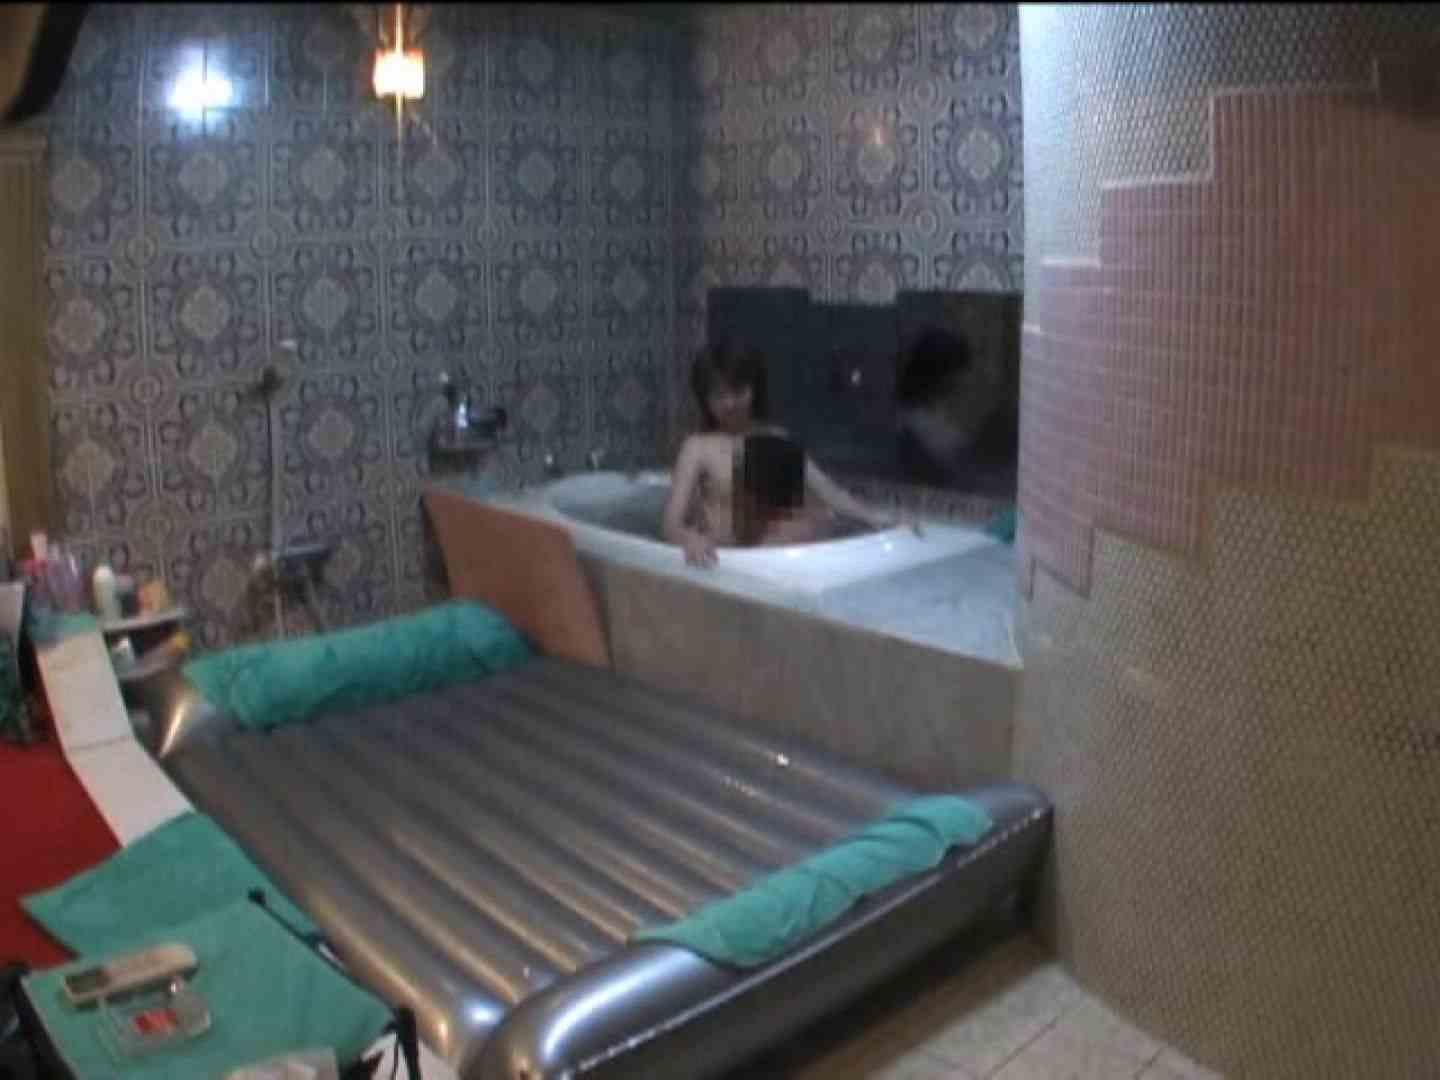 高級浴場盗撮体験記Vol.1 OL  102連発 90